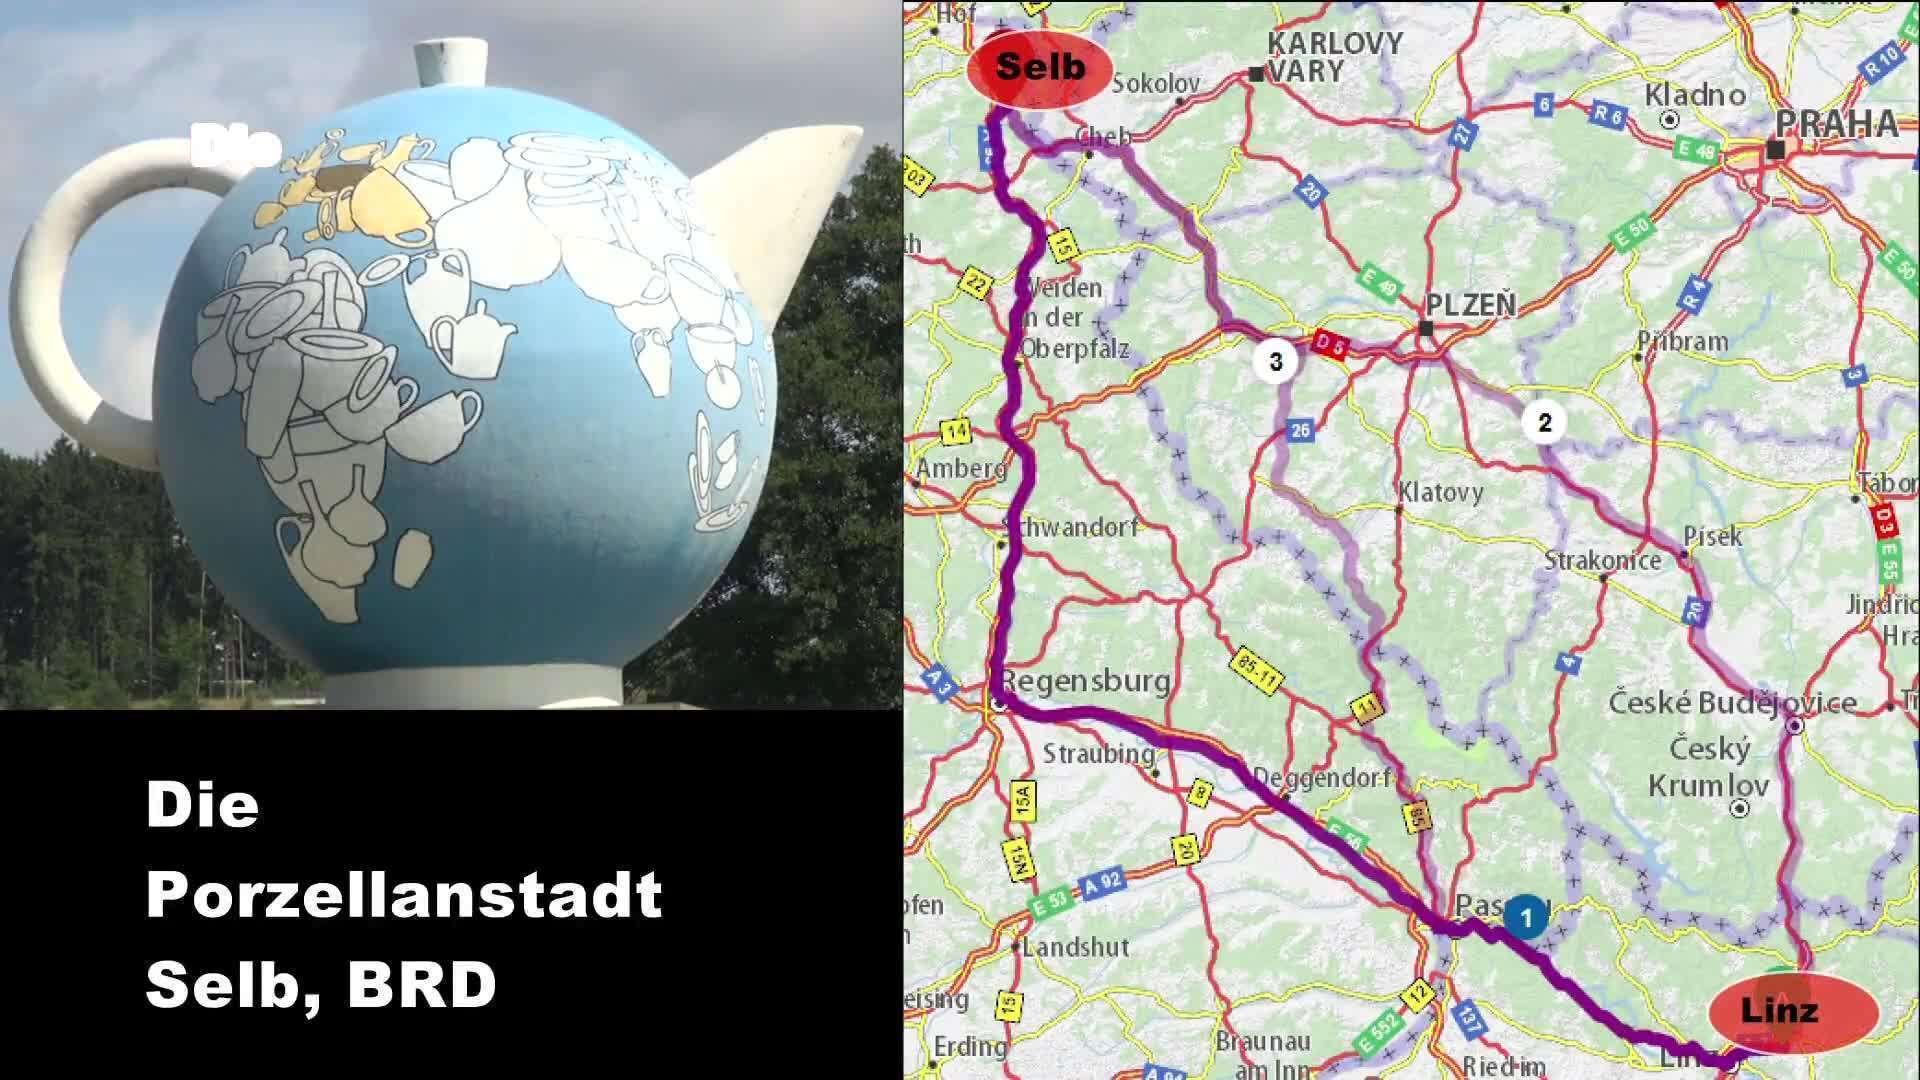 Die Porzellanstadt Selb in Deutschland